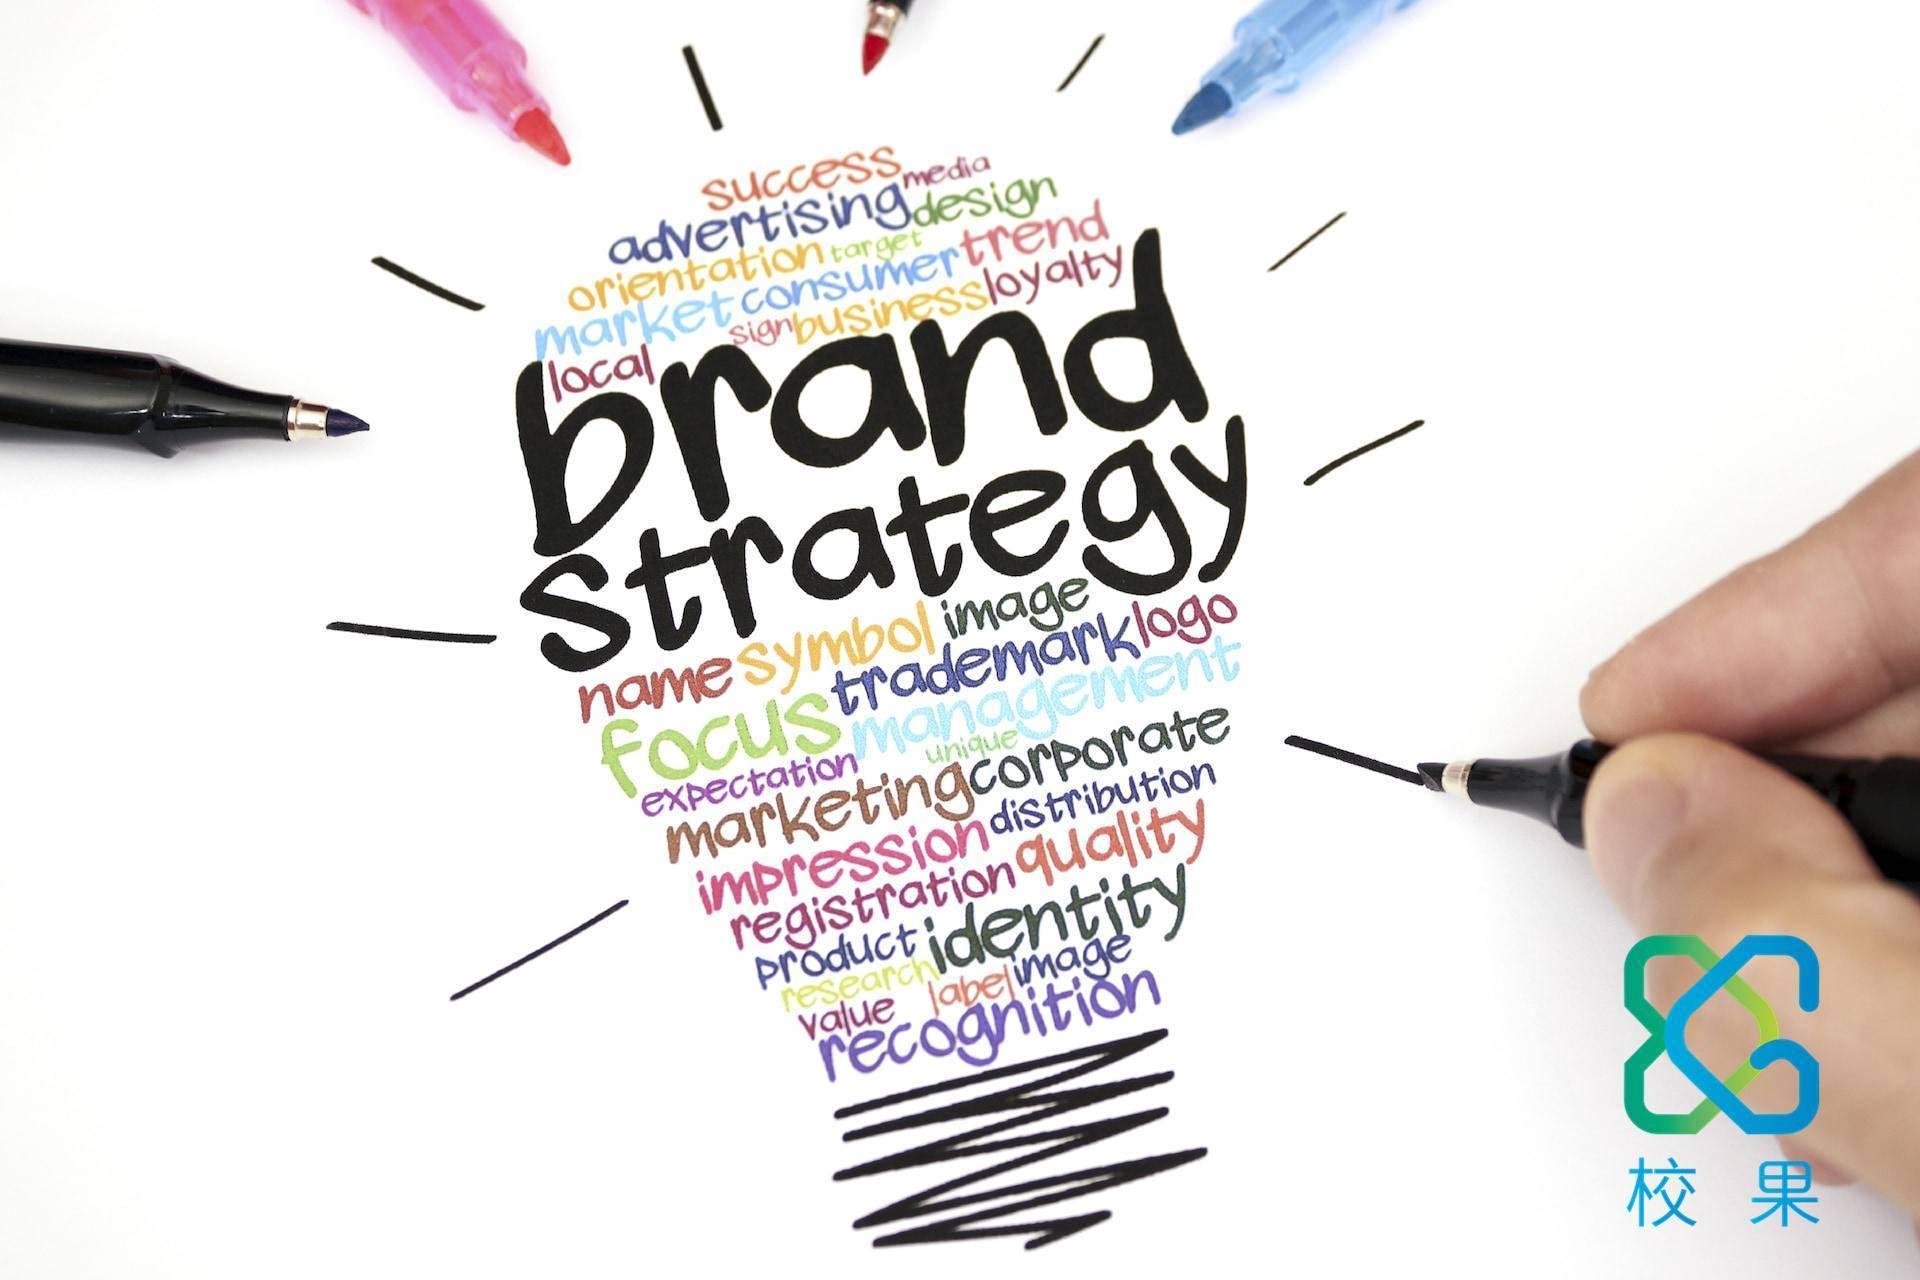 企业如何以场景笼络年轻人,做好校园营销呢?